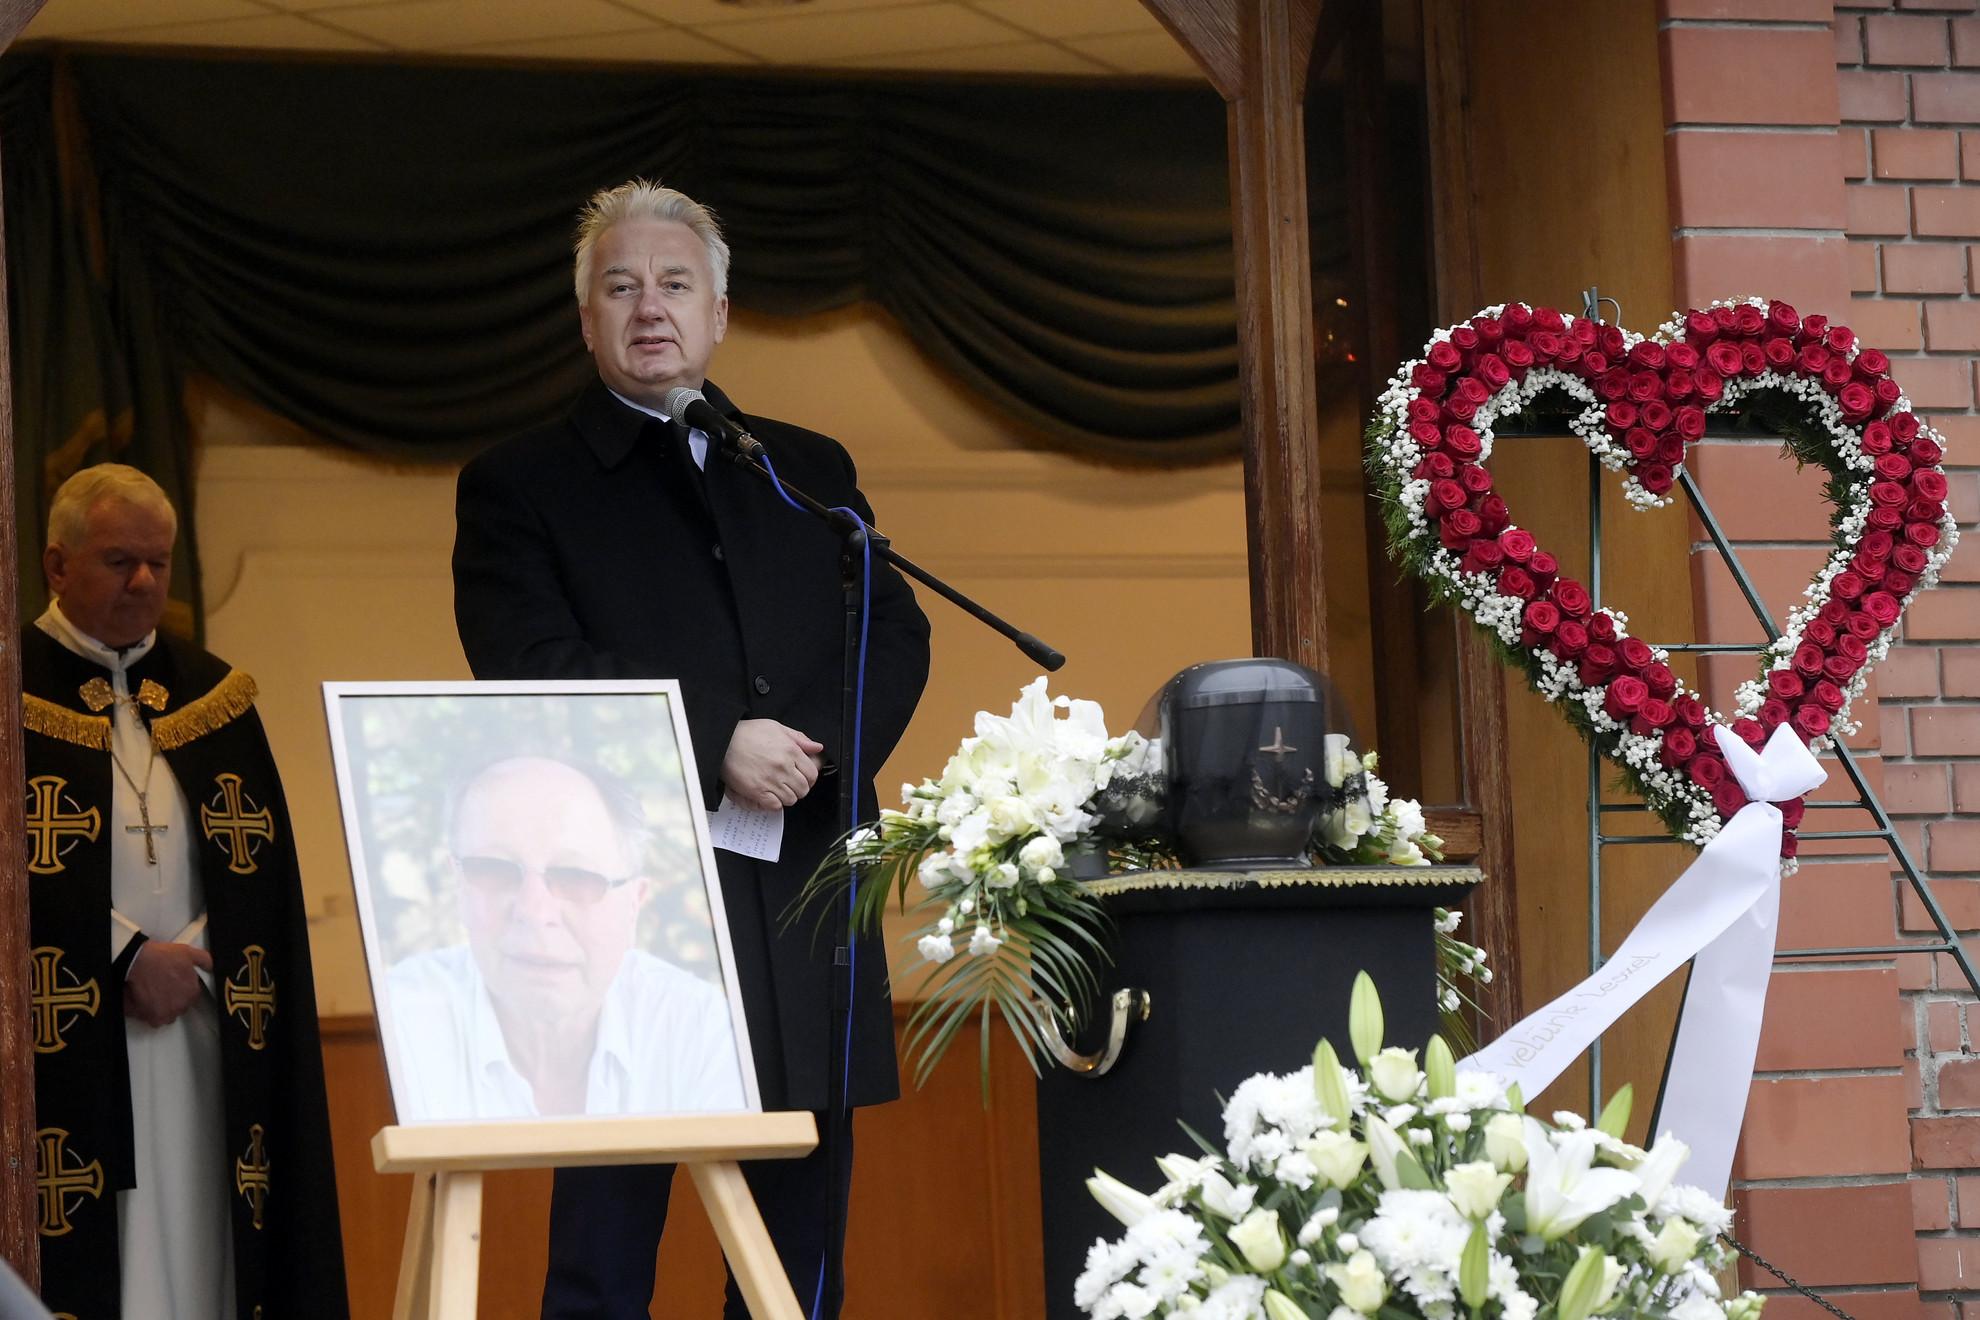 Semjén Zsolt miniszterelnök-helyettes az életének 70. évében elhunyt Balázs Fecó Kossuth- és Liszt Ferenc-díjas rockzenész, billentyűs, énekes, zeneszerző búcsúztatásán